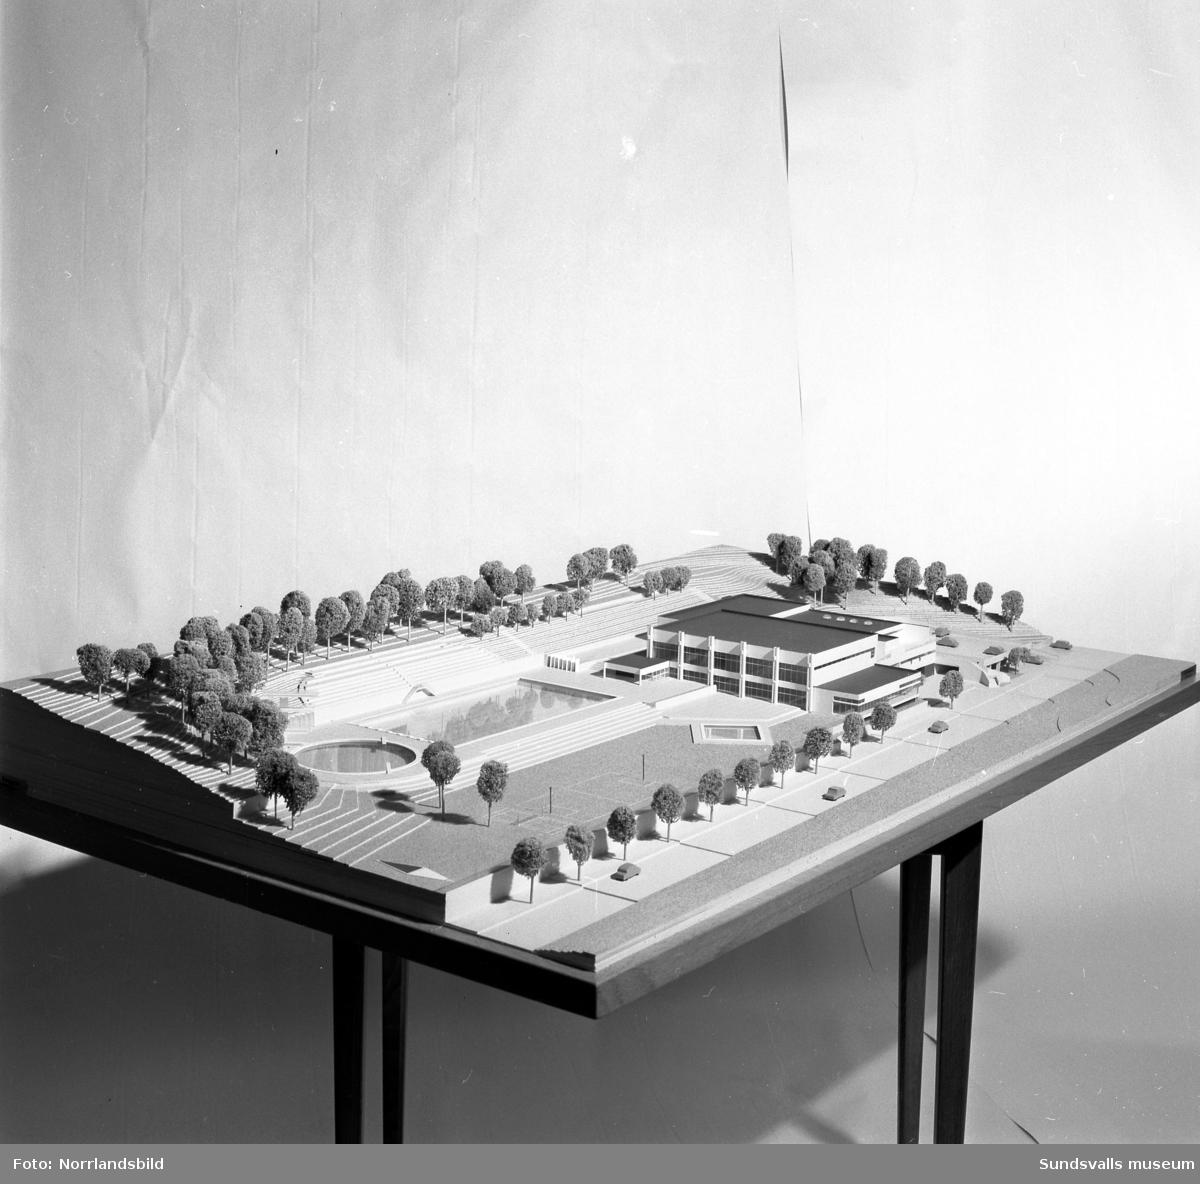 Byggmodell av badanläggning med badhus och utebad  i östra delen av Tivoliparken som planerades och klubbades 1964. Projektet blev aldrig verklighet utan det nya badhuset byggdes senare vid Sporthallen på Västermalm i stället.